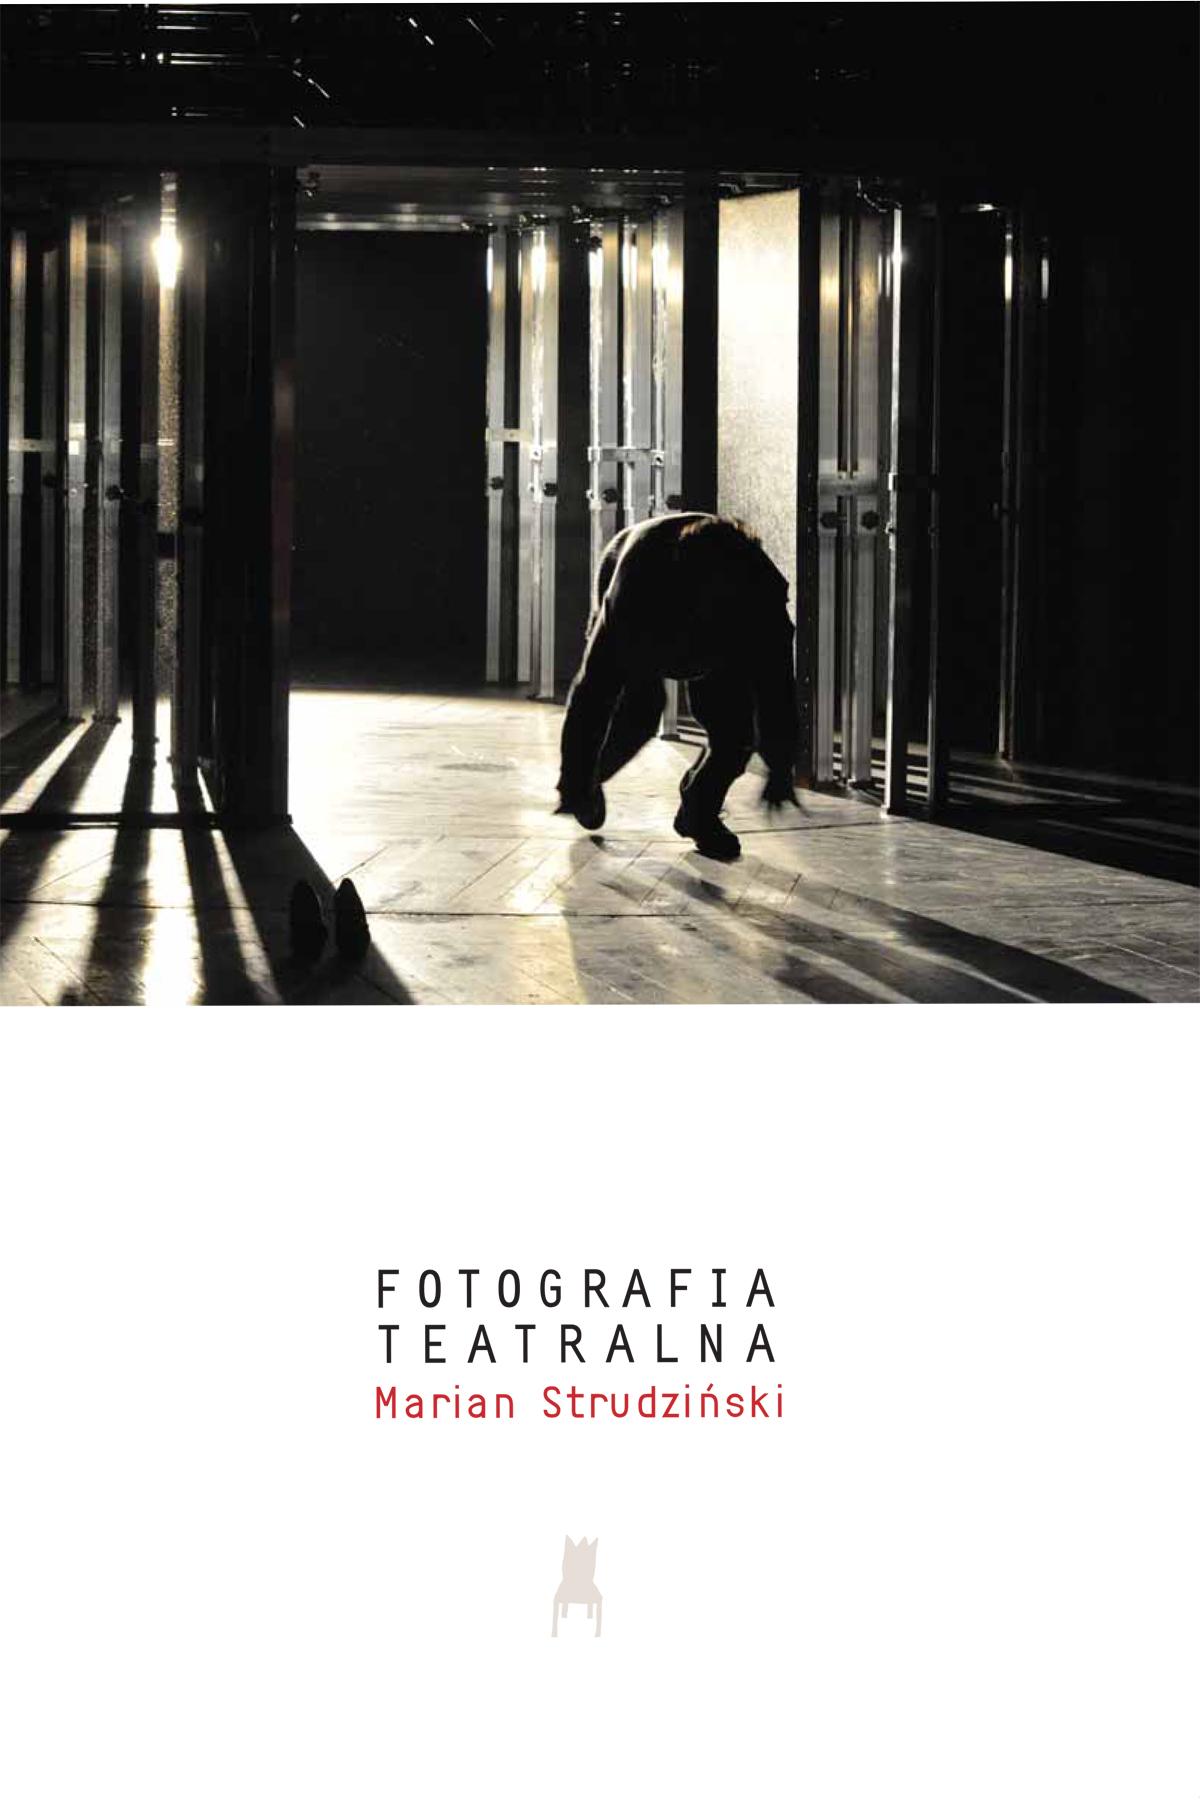 wystawa fotografi Mariana Strudzińskiego w Teatrze Powszechnym w Radomiu (materiały prasowe)